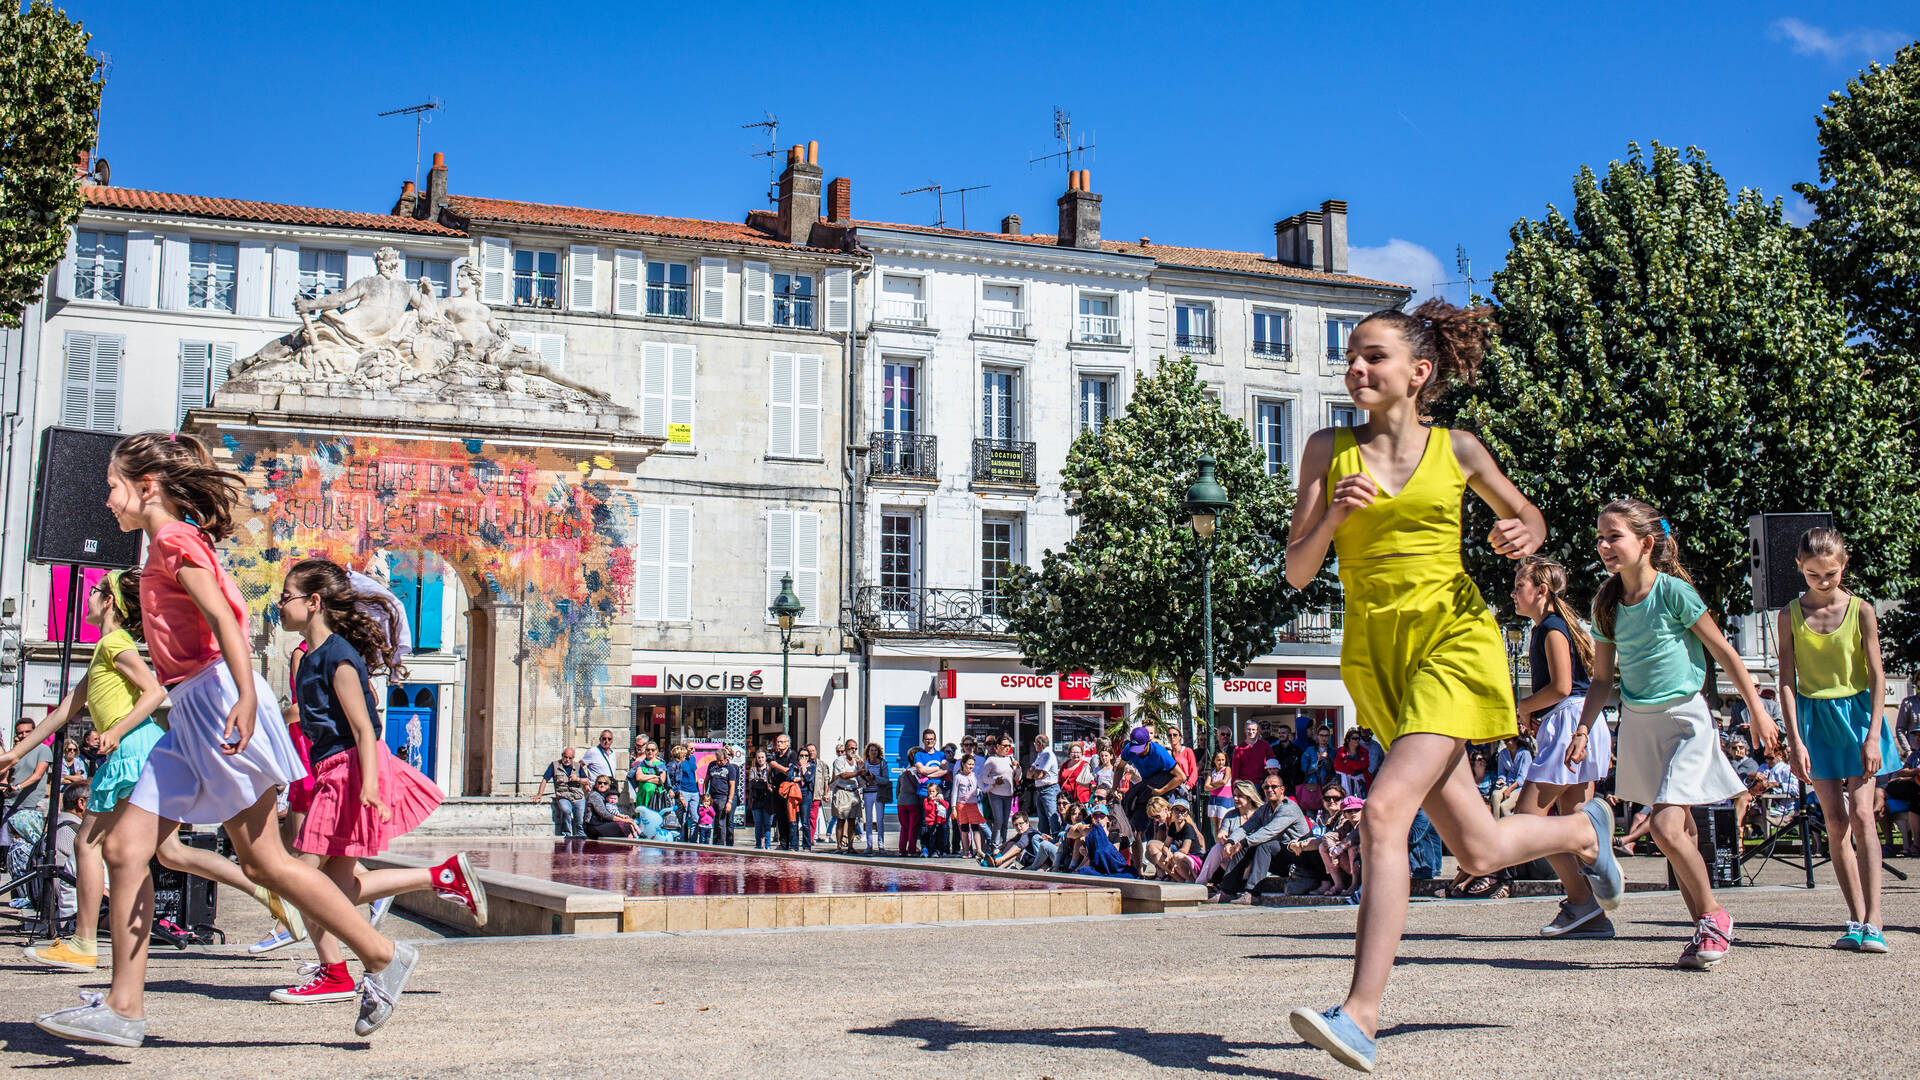 Demoiselles de Rochefort Place Colbert - © Images & Emotion